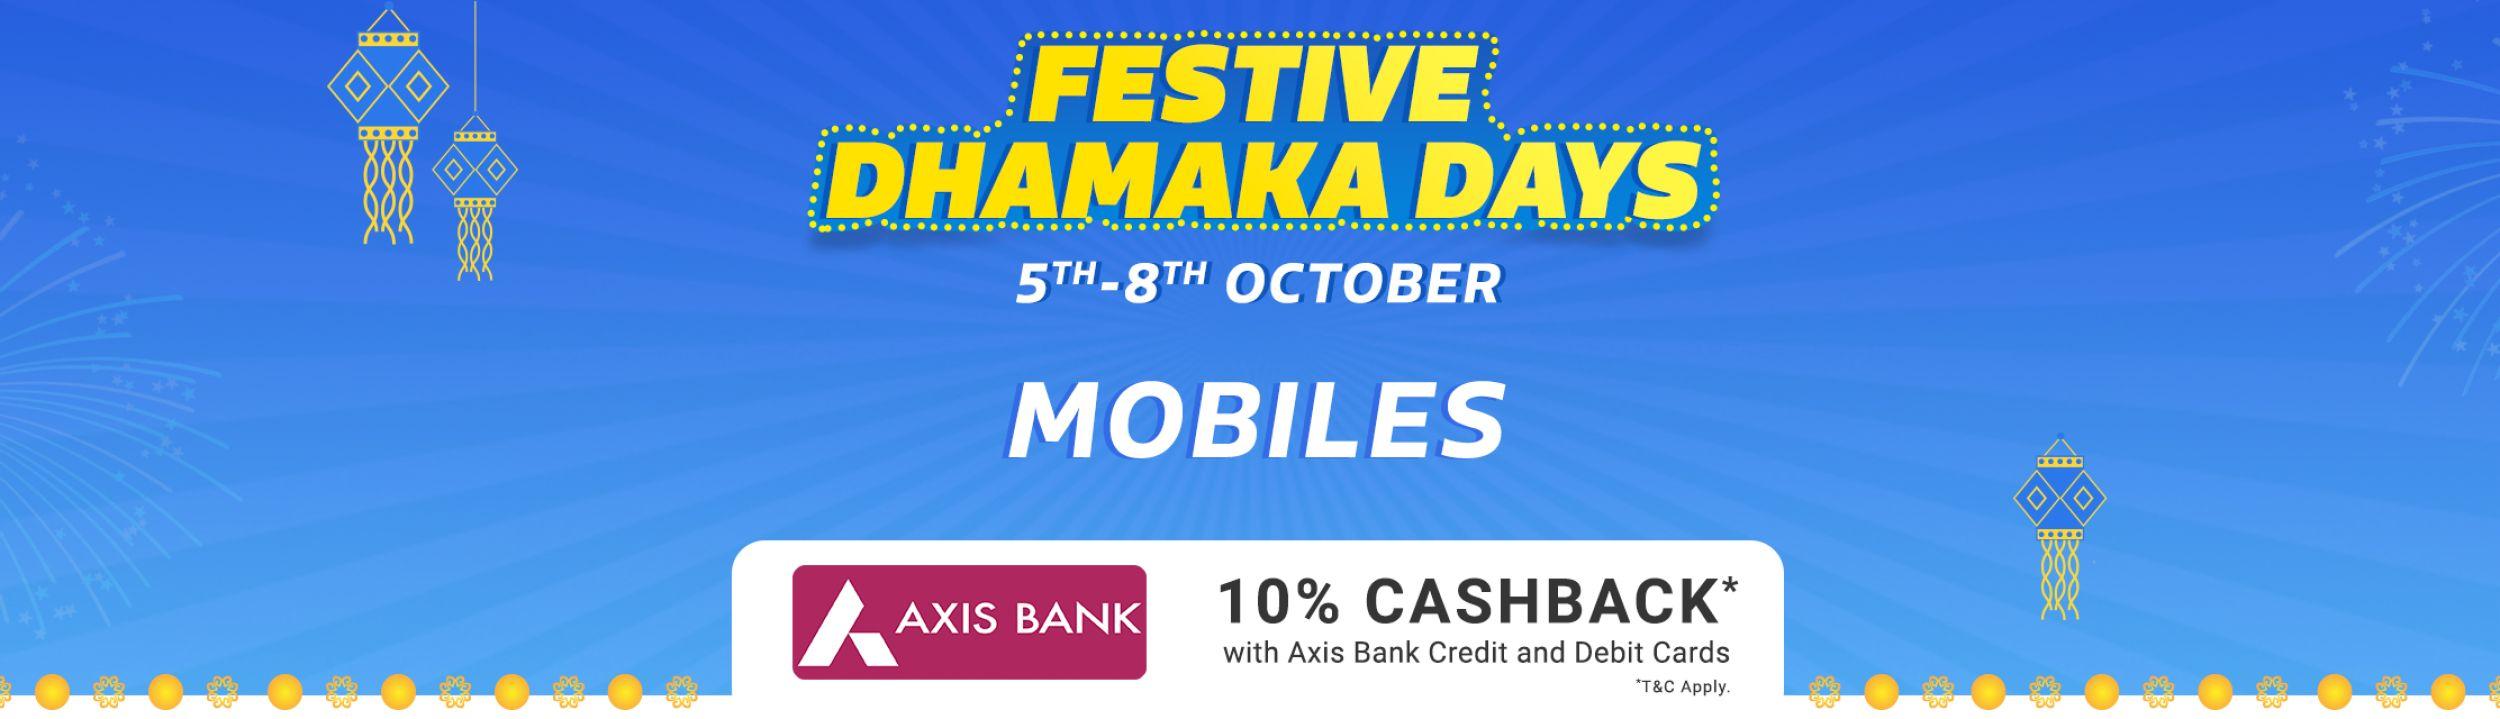 Flipkart - Mobile Festive Dhamaka Days